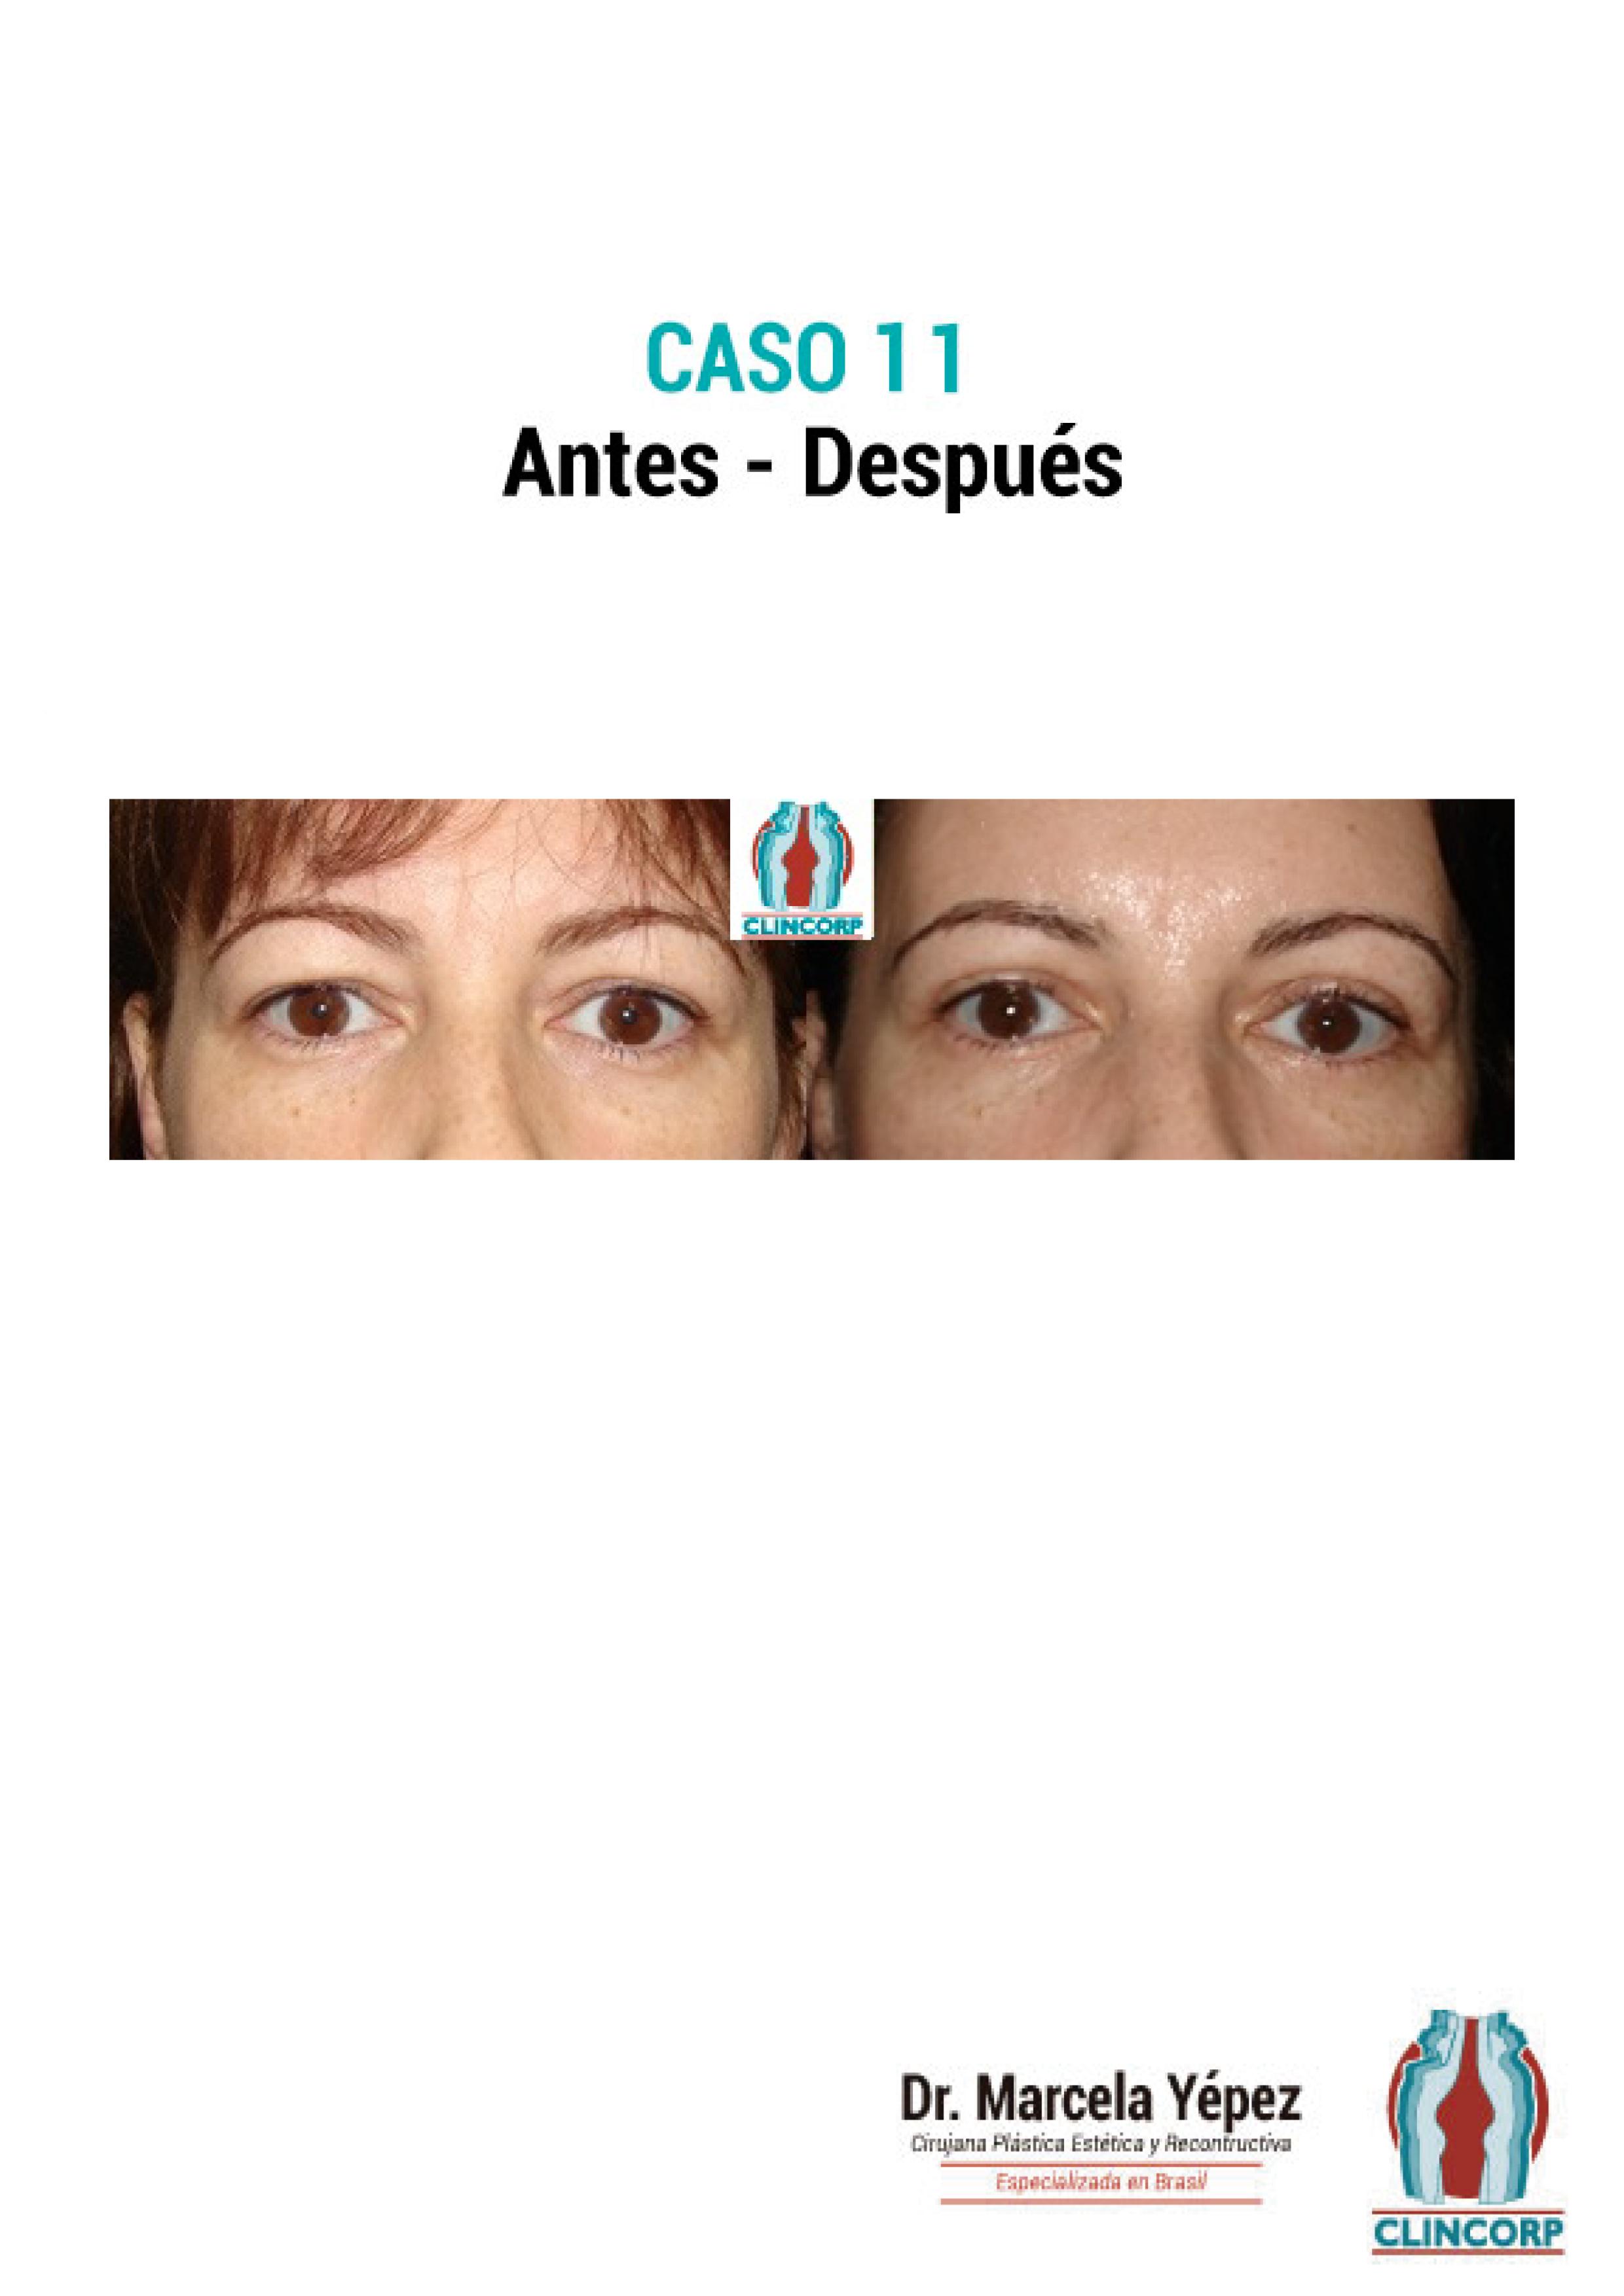 blefaroplastia-Caso11